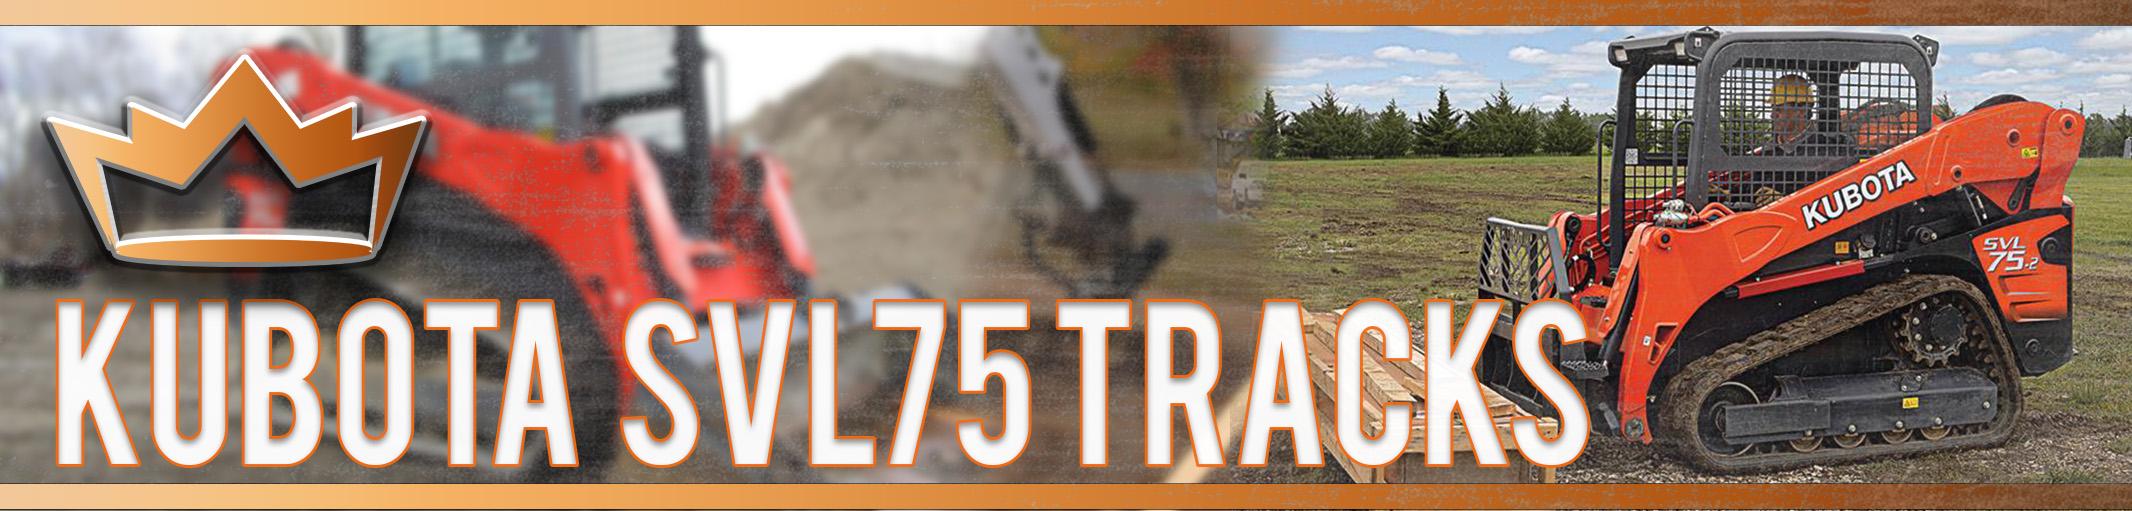 Kubota SVL75 Tracks